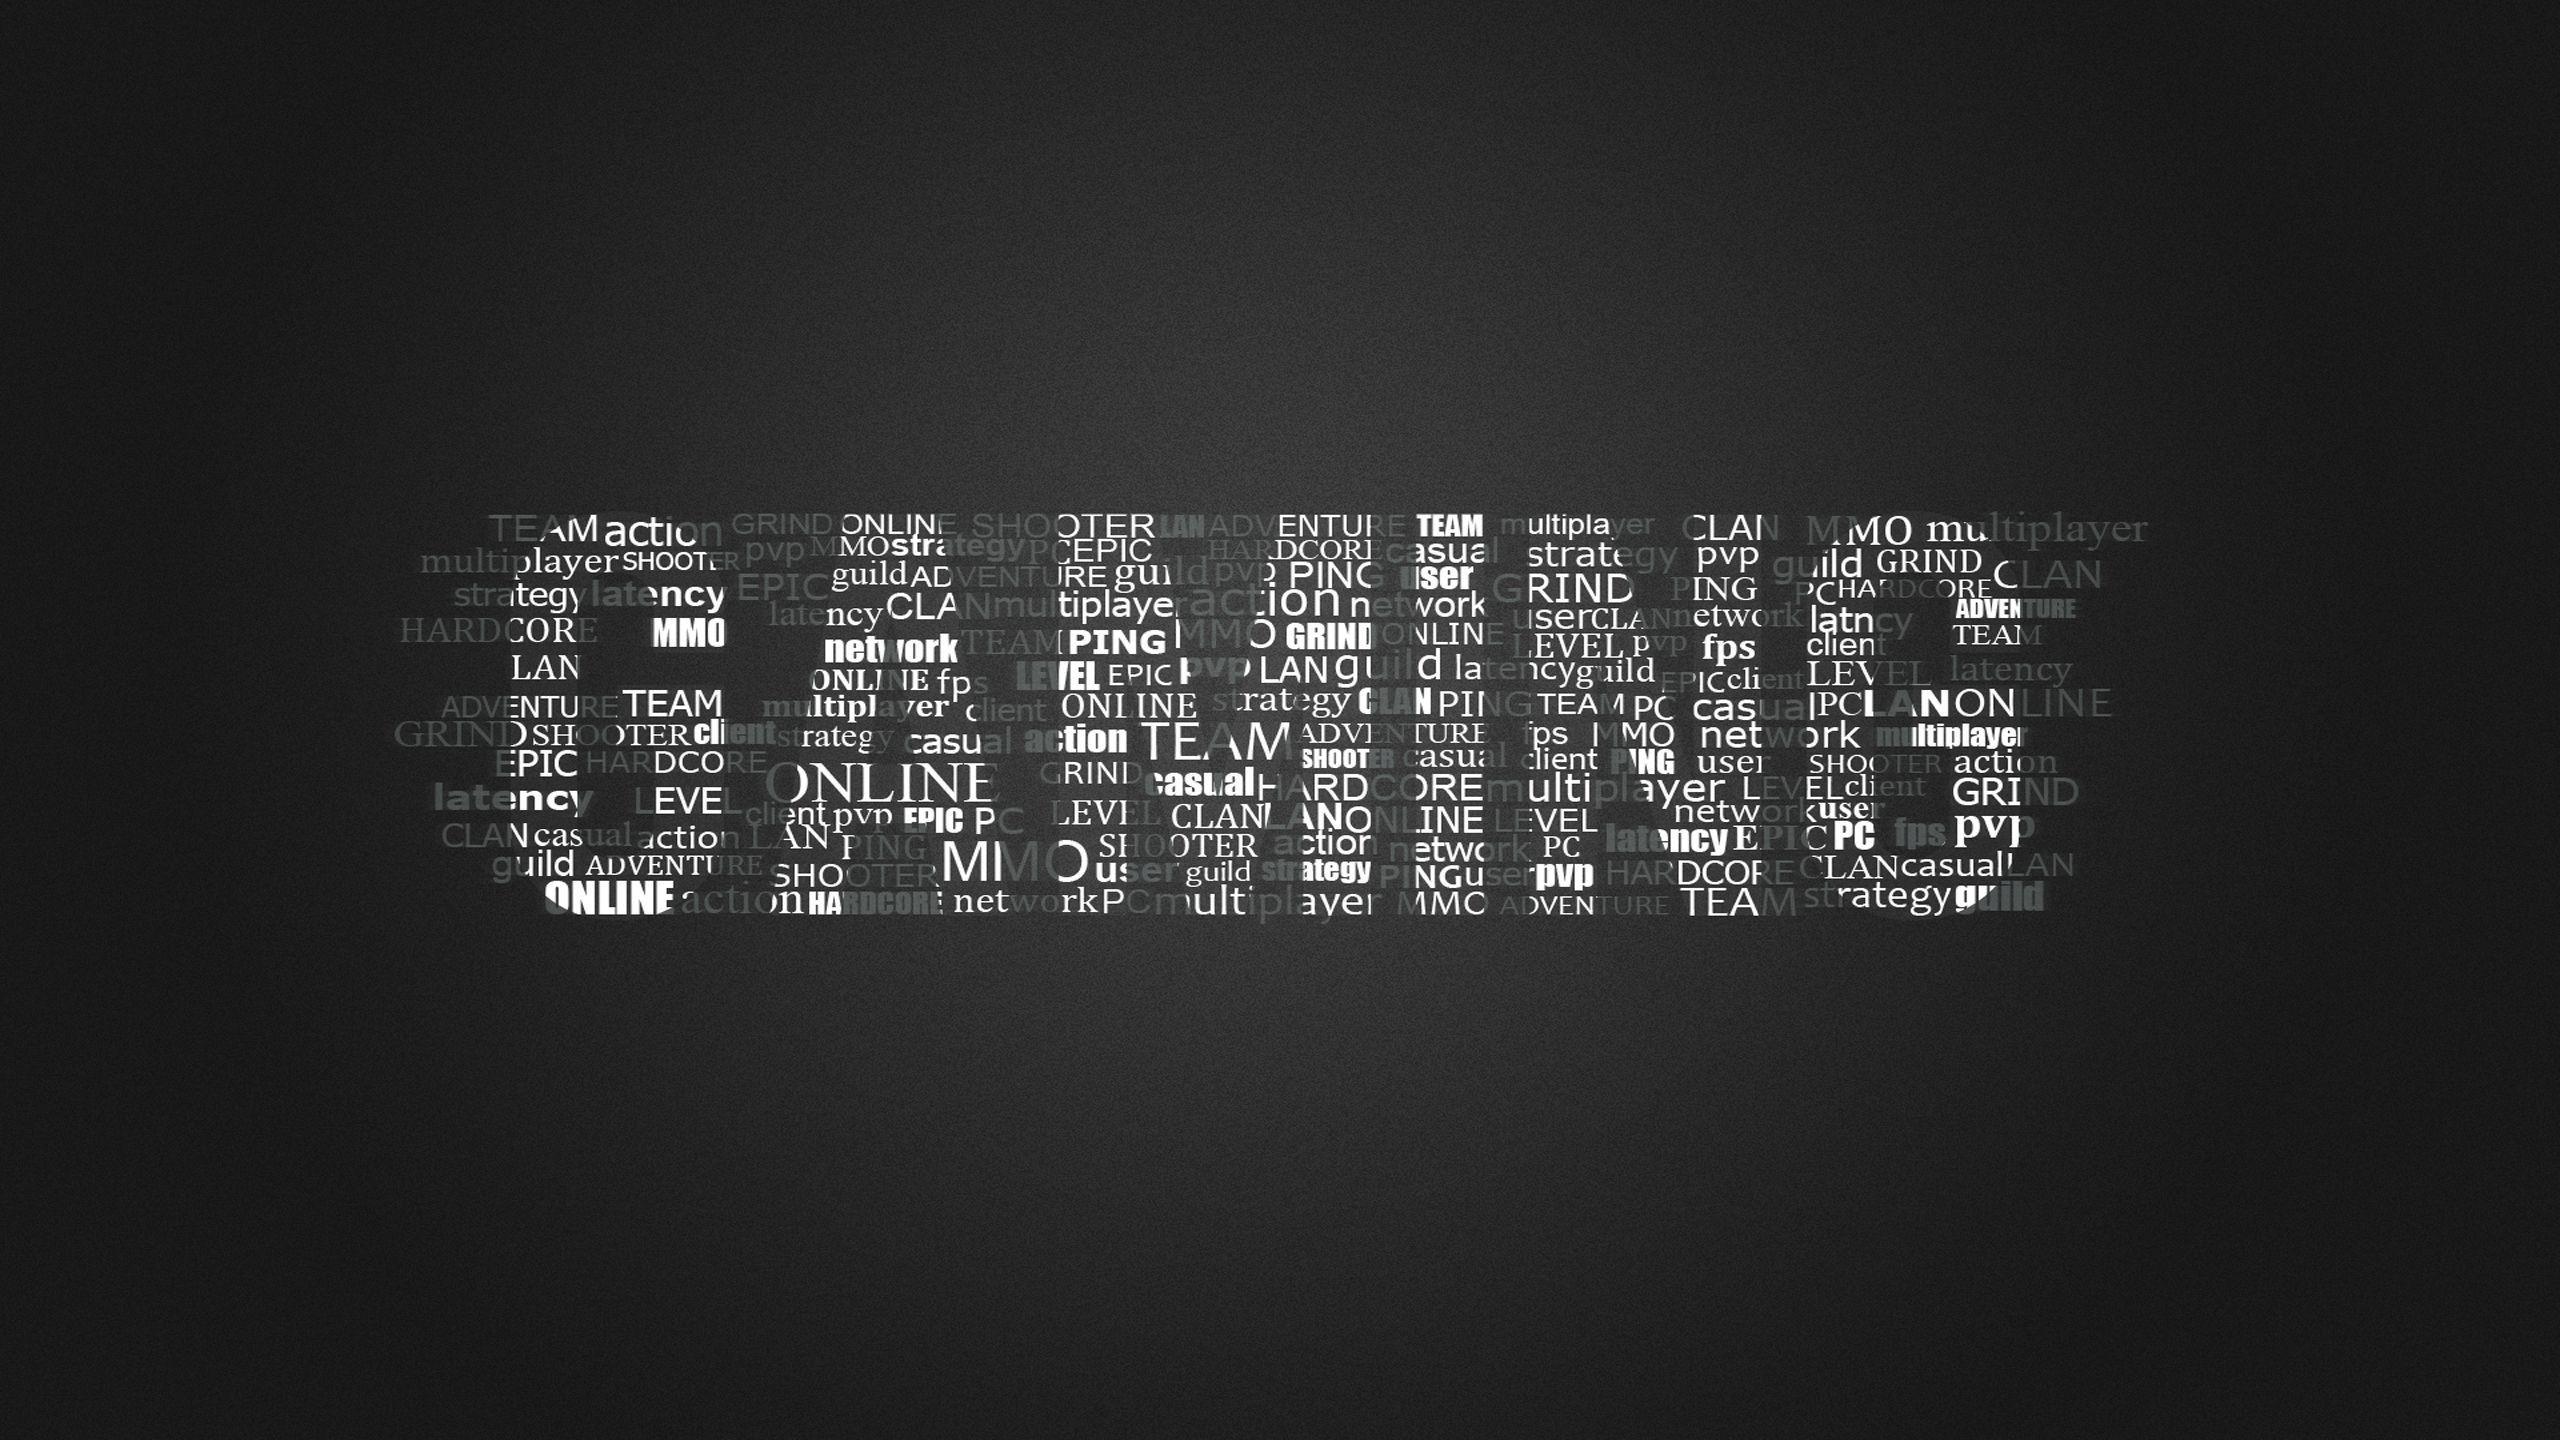 2560x1440 Wallpaper Gaming Games jogos, Fotos de games